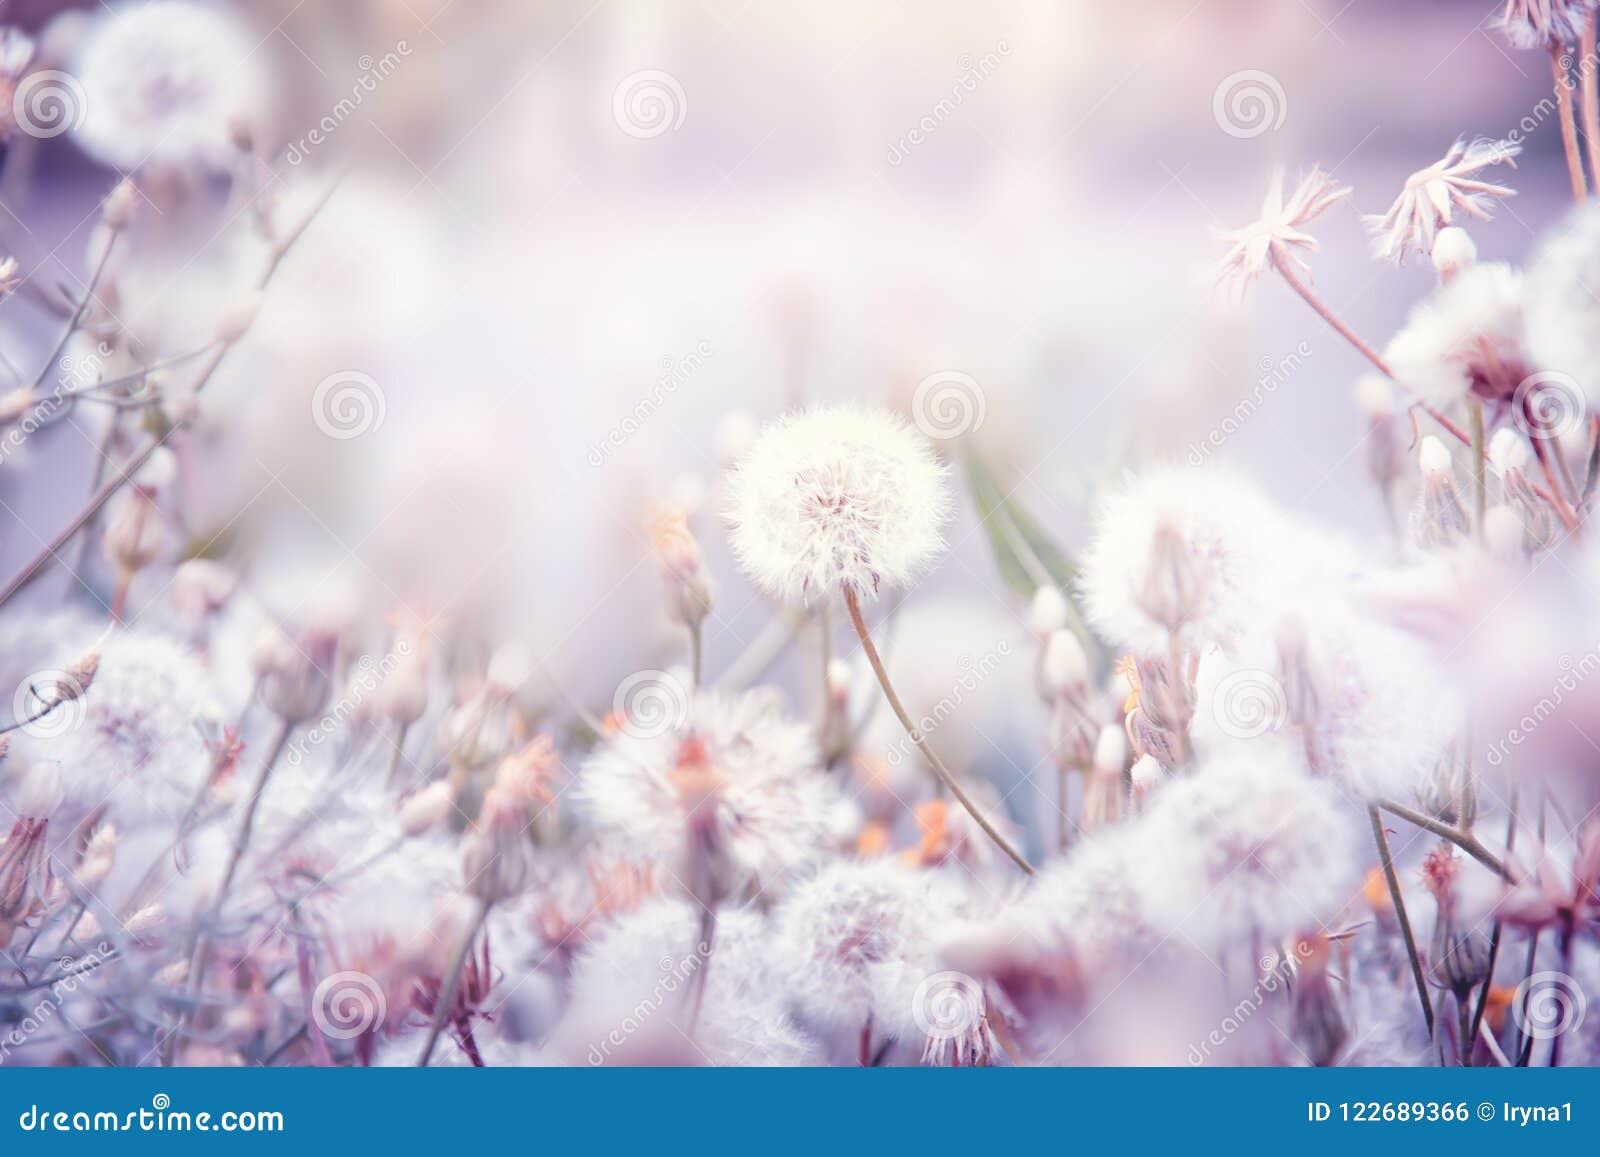 Mooie bloemenachtergrond met paardebloembloemen